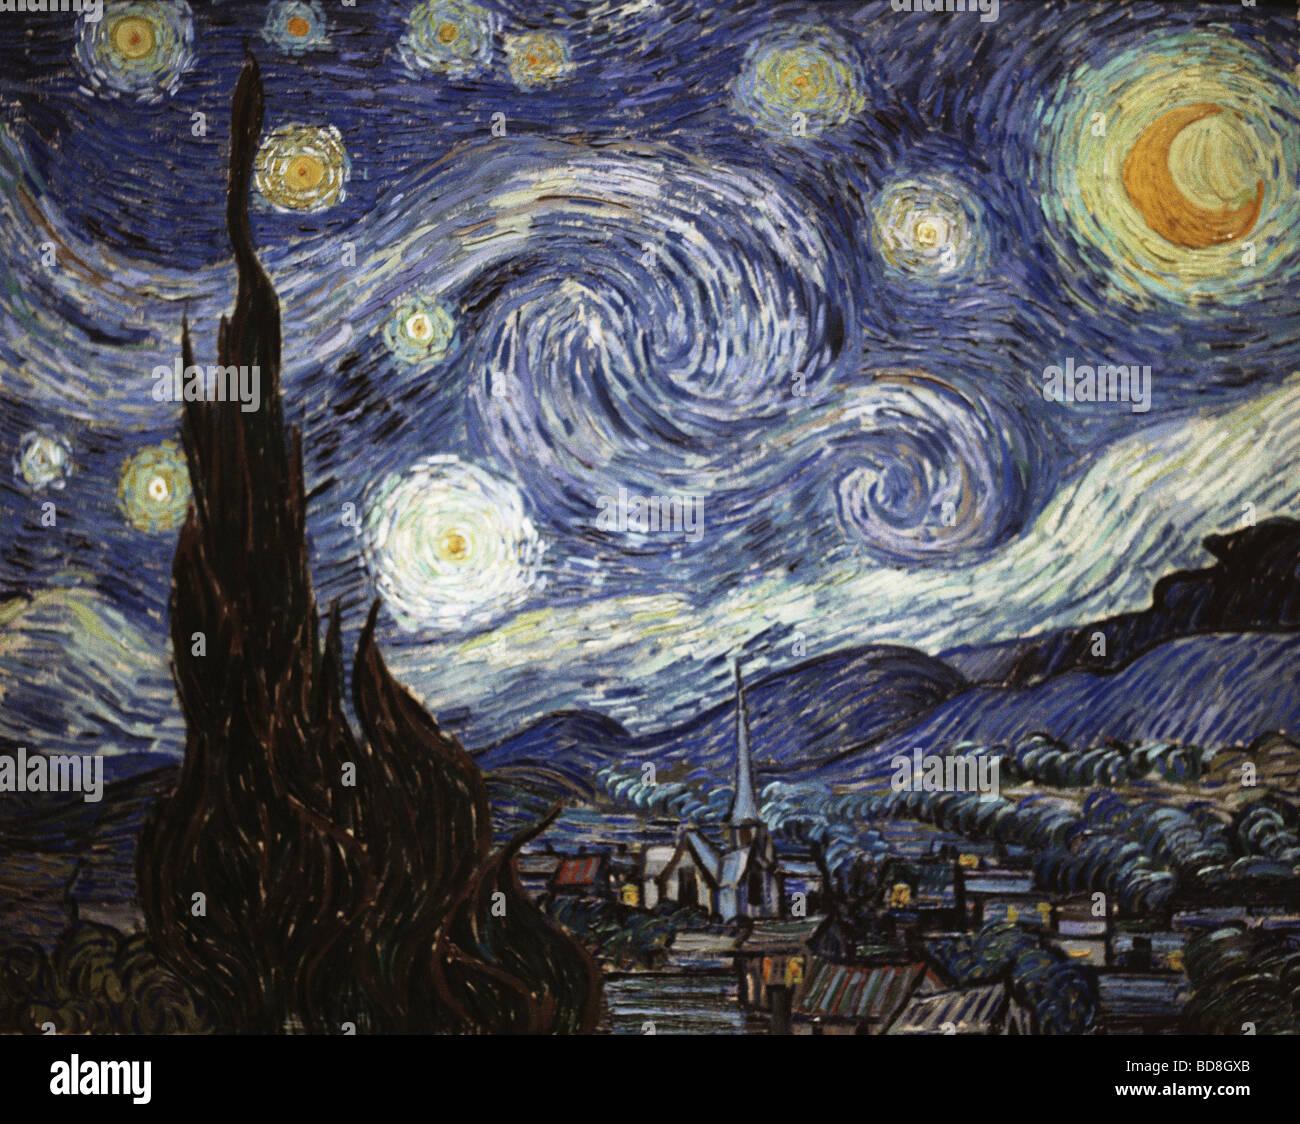 """Bildende Kunst, Gogh, Vincent van, (1853 - 1890), Malerei, """"Sternennacht"""", Öl auf Leinwand, 73 x 92 cm, 1889, Nationalgalerie, Stockfoto"""